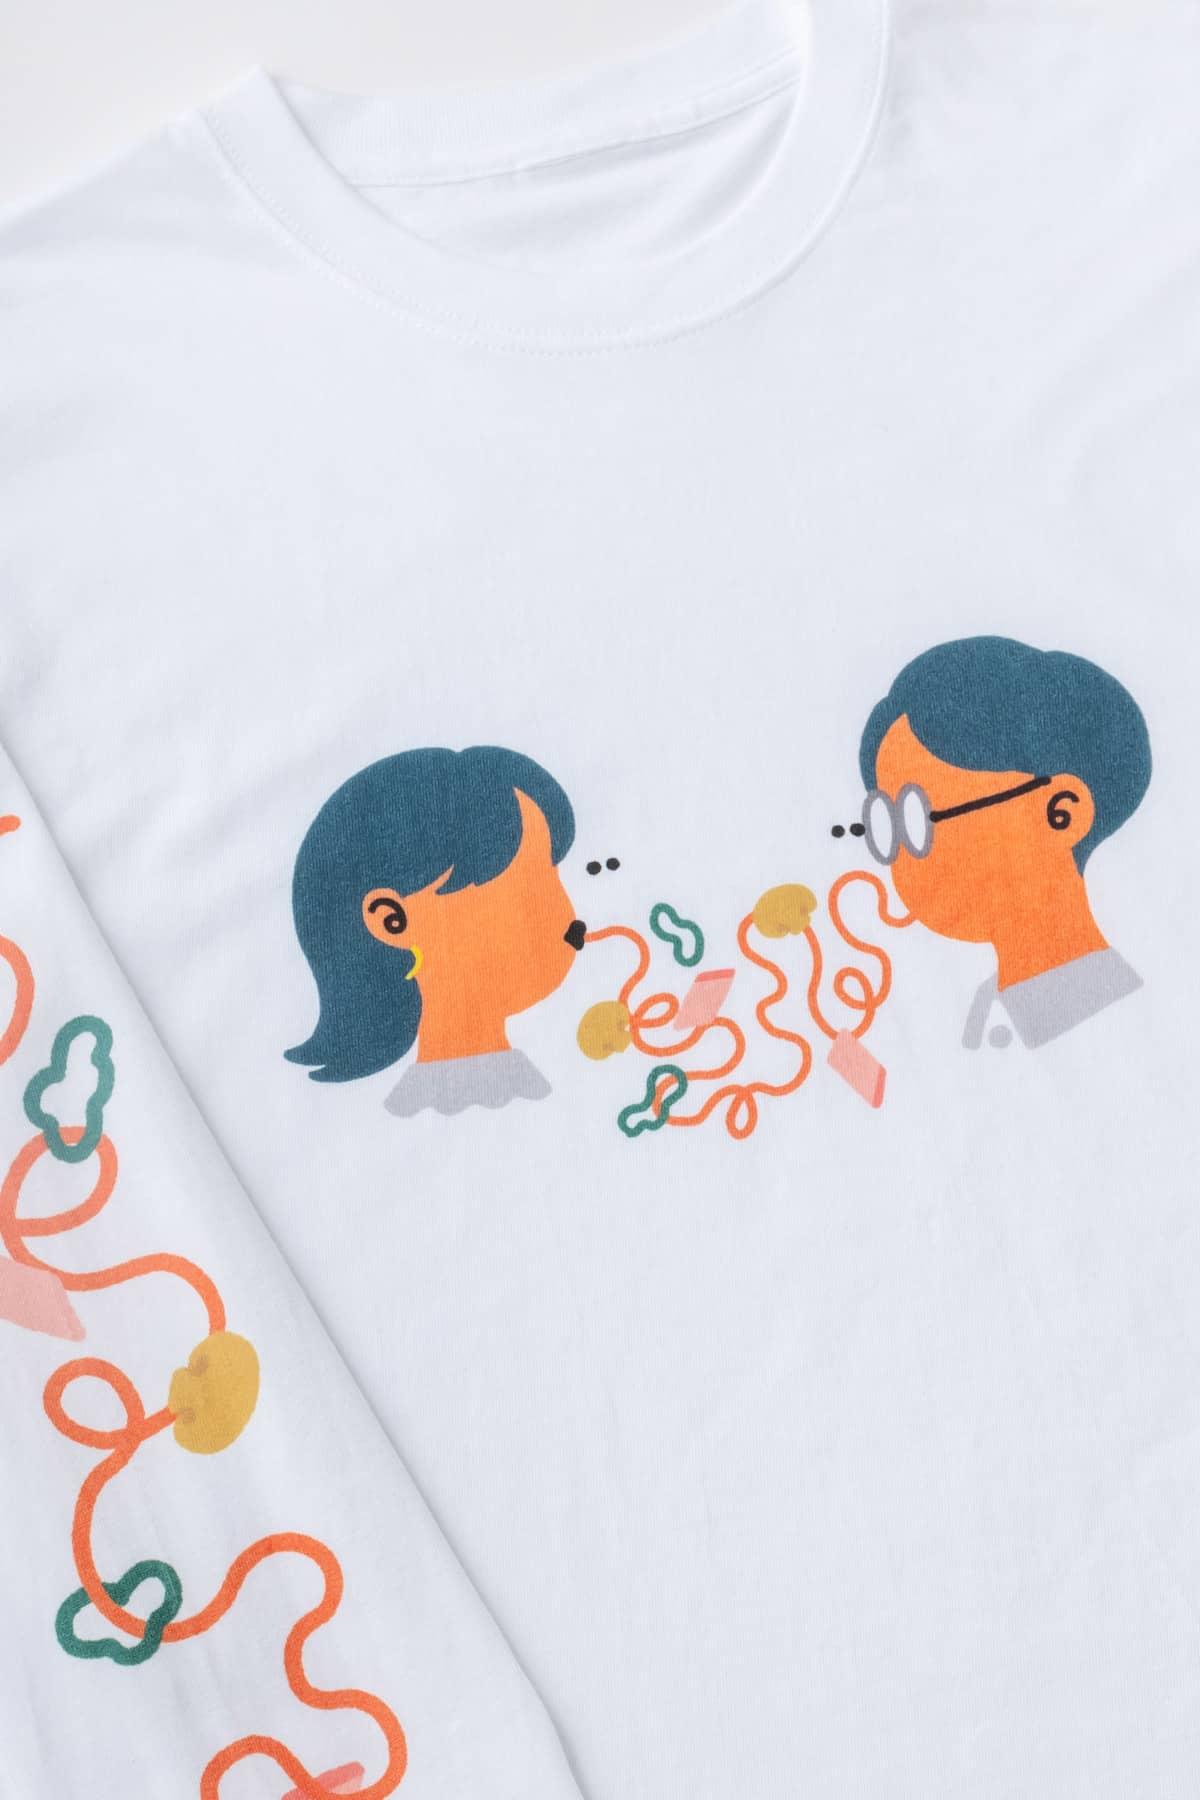 ナポリタン・ラブ ロングスリーブTシャツ/サイトウアケミ